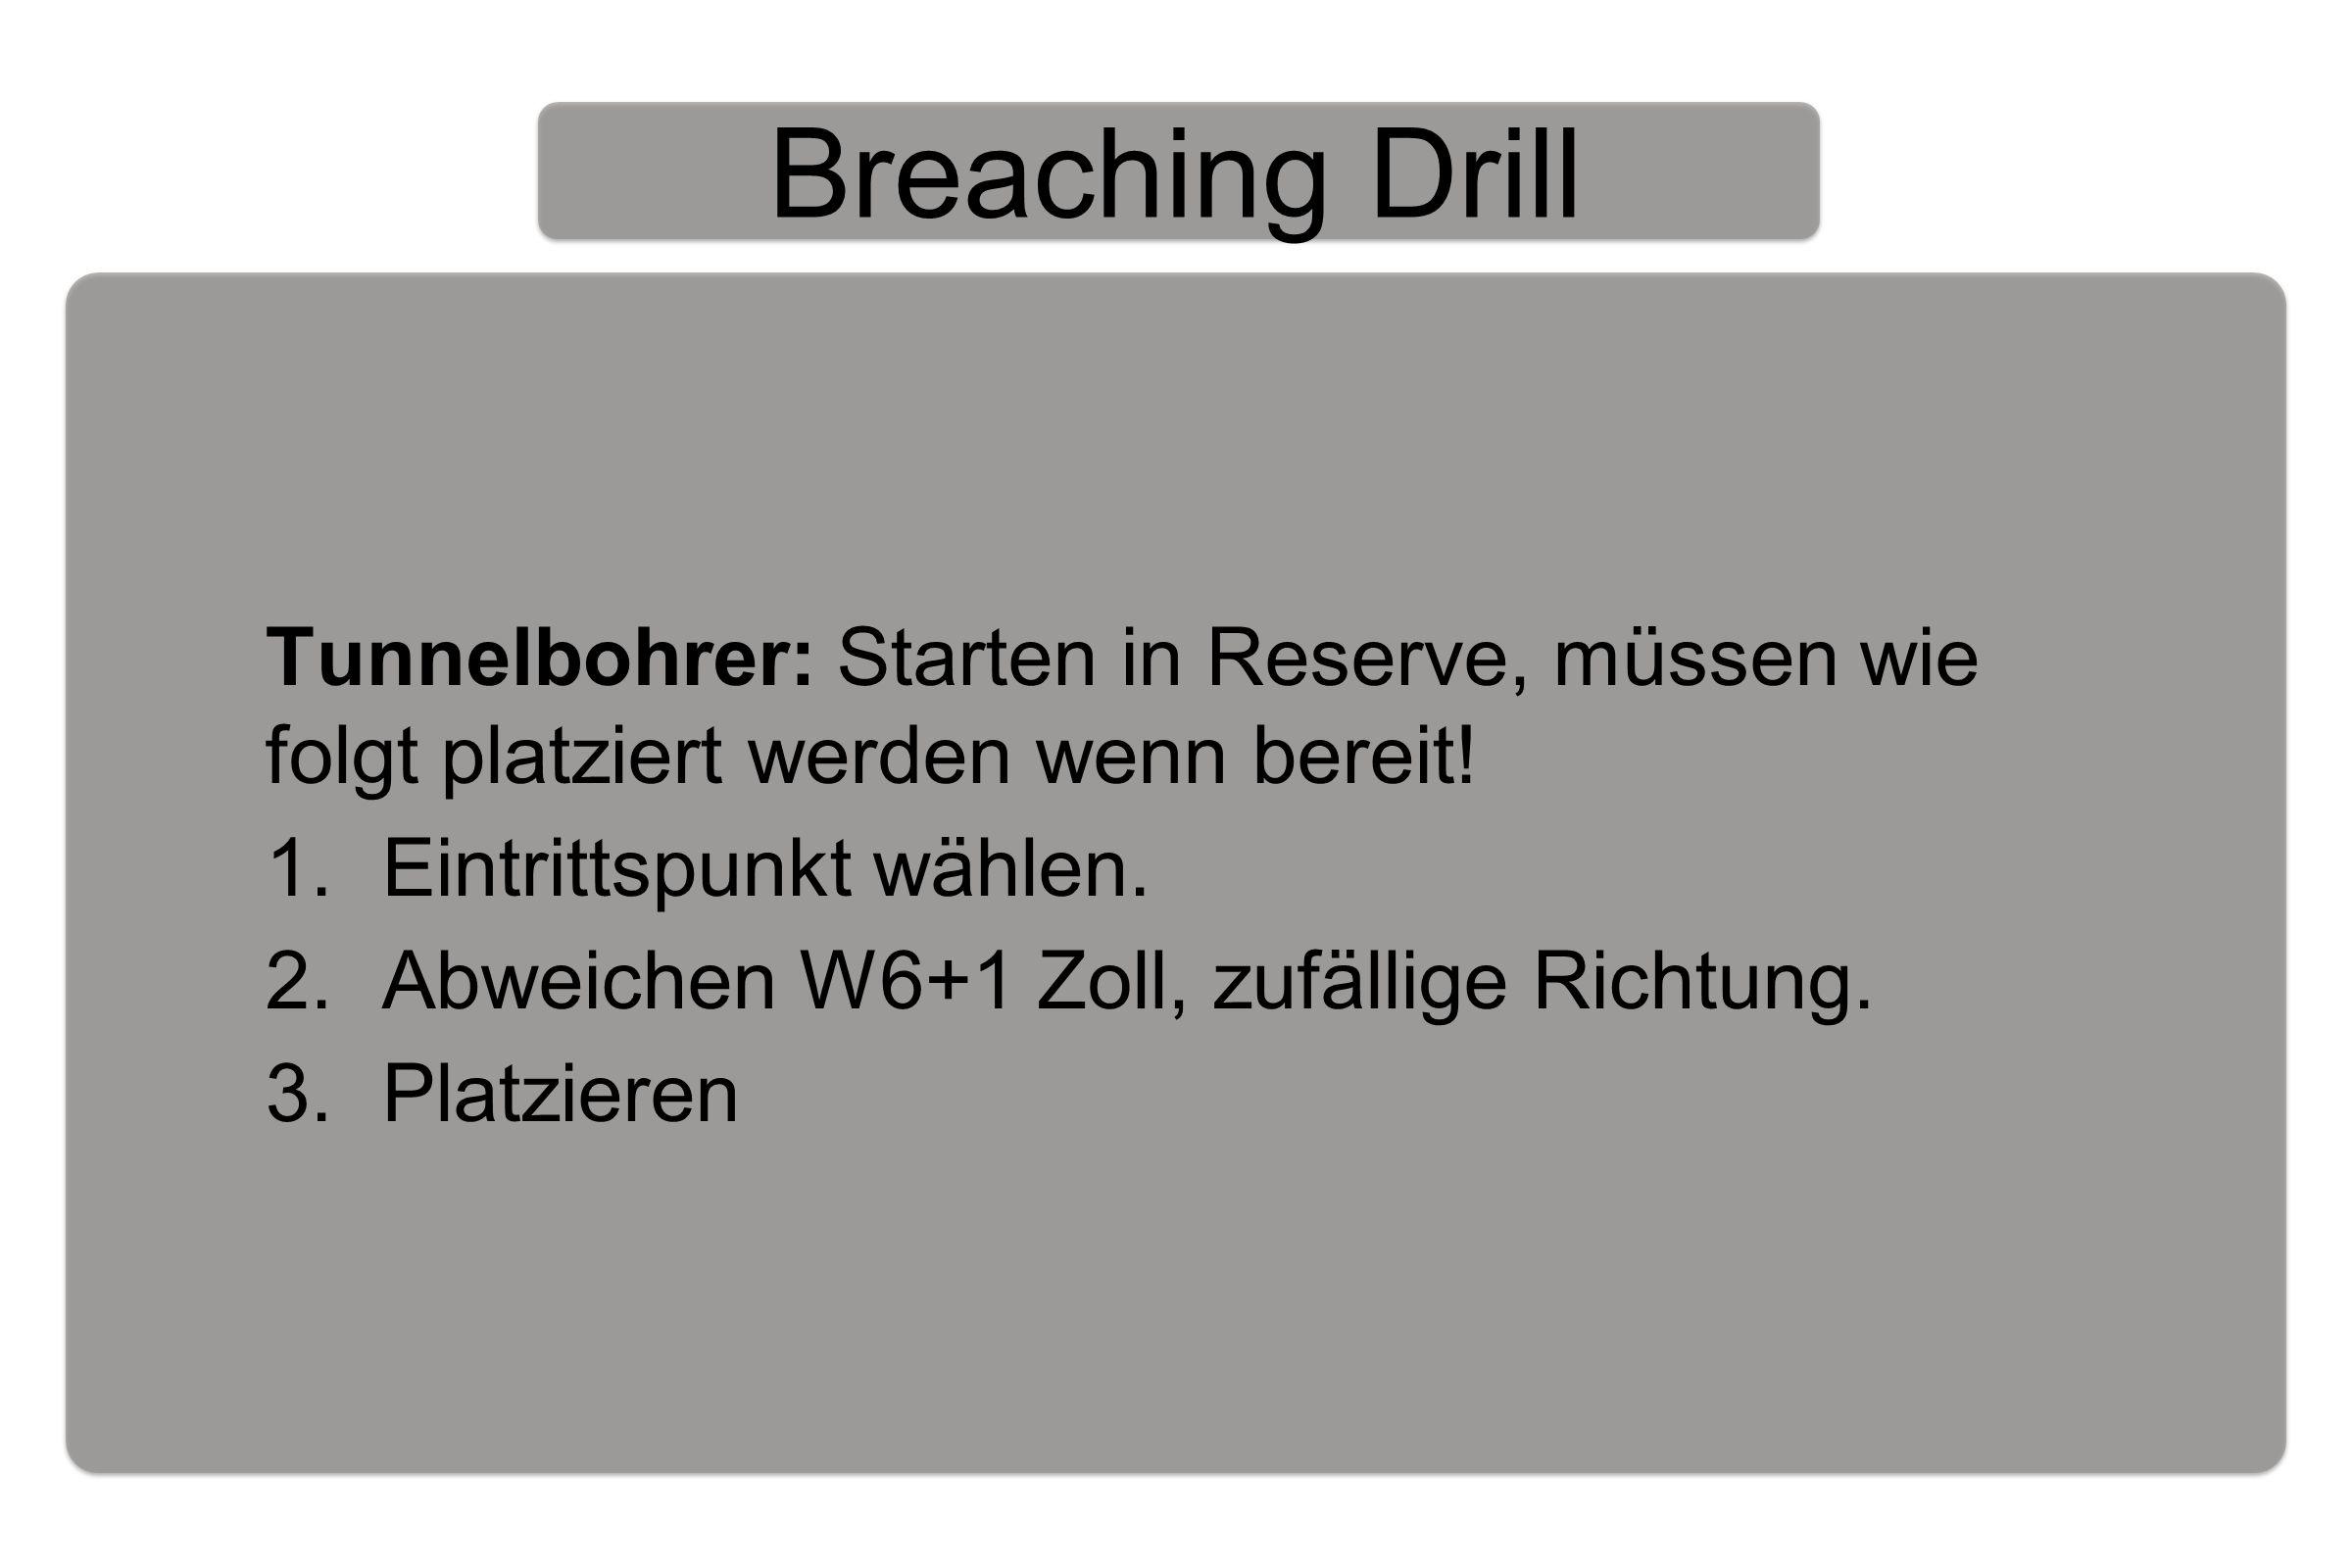 Breaching Drill Tunnelbohrer: Starten in Reserve, müssen wie folgt platziert werden wenn bereit.